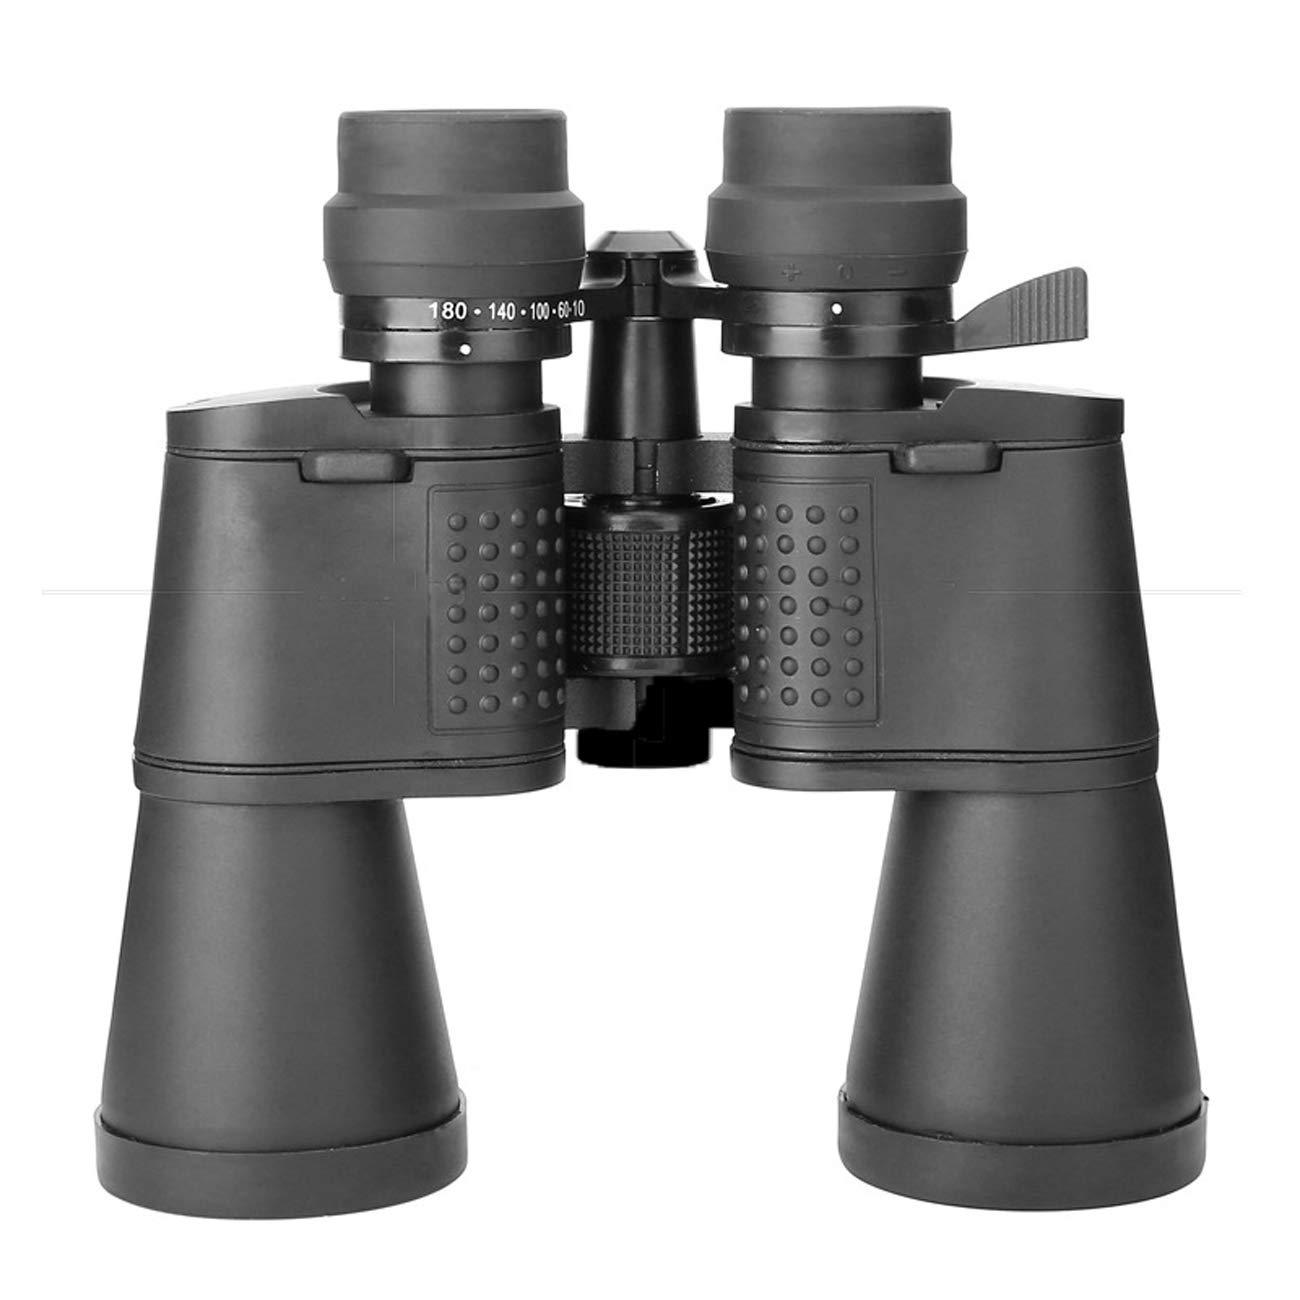 【ラッピング不可】 10-180 100 B07H9YMD9C HD 双眼鏡 防水 防水 ミニ双眼鏡 10-180 ナイトビジョン 強力折りたたみ望遠鏡 クリーニングクロスとキャリーバッグ付き 大人と子供のアウトドア観光スポーツイベントに最適 B07H9YMD9C, アルマジロ:f67e2bcd --- a0267596.xsph.ru